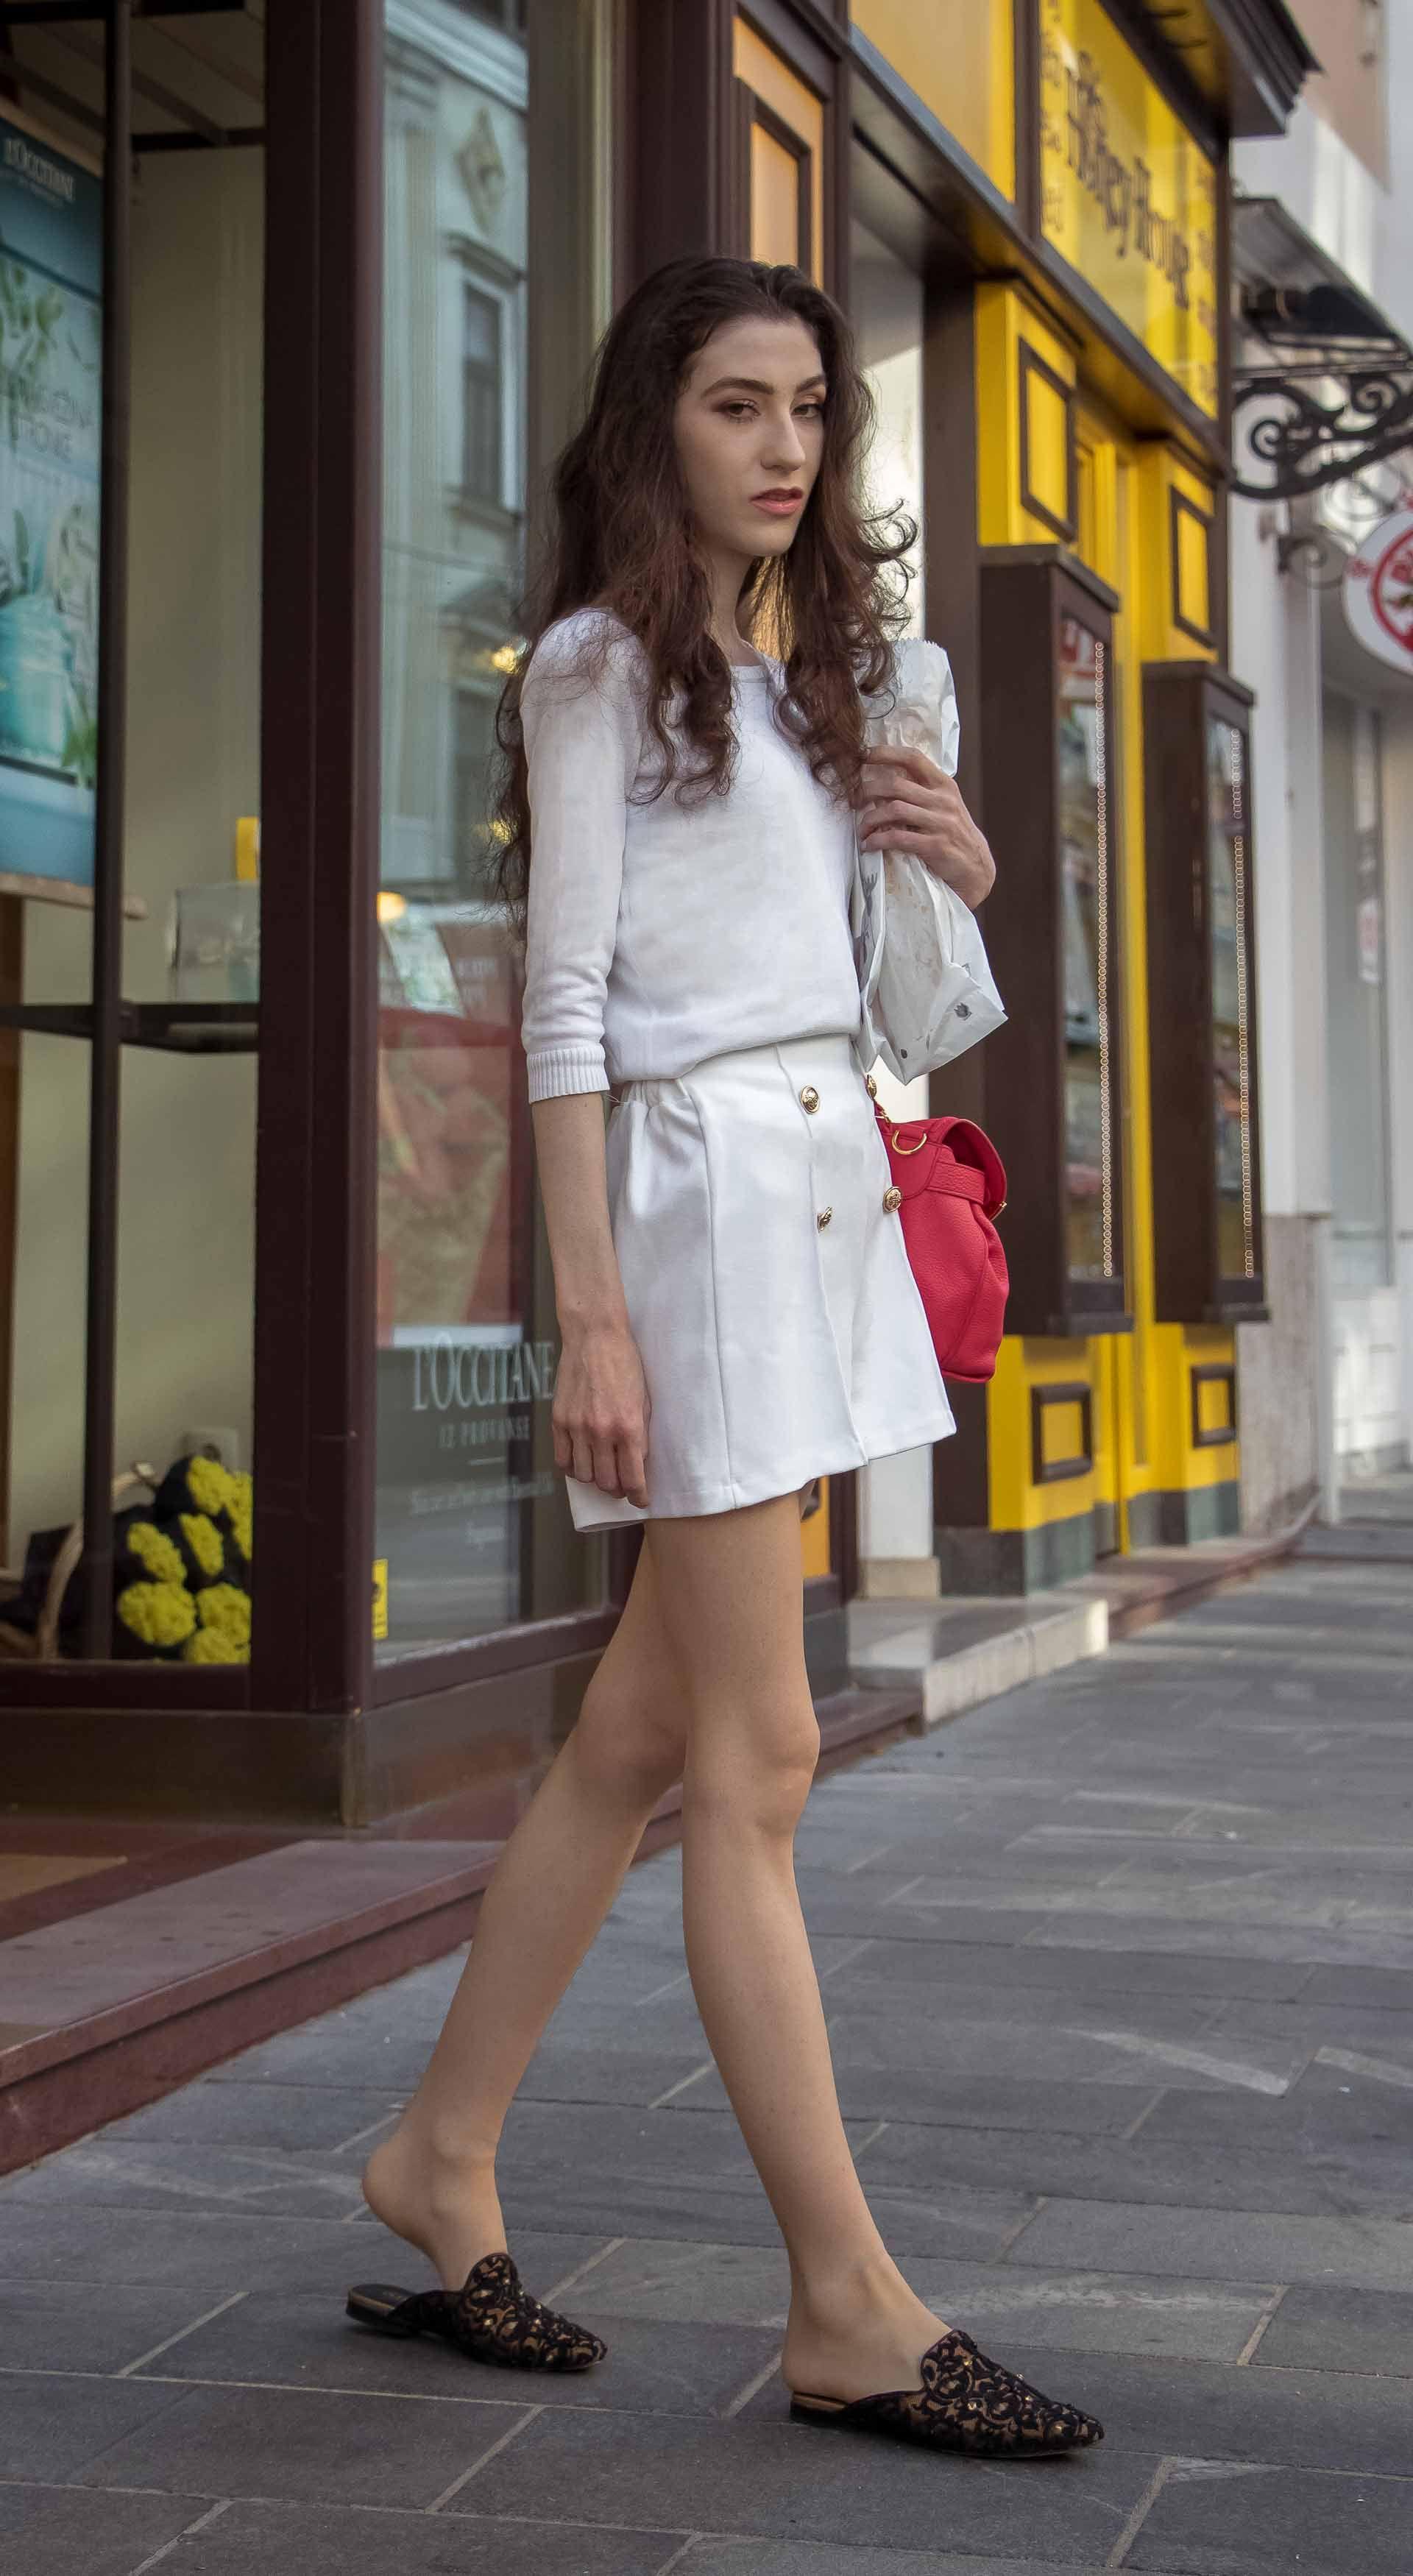 ef29eb91e4fb Slovenska modna blogerka Veronika Lipar of Brunette from Wall wearing all  in white outfit